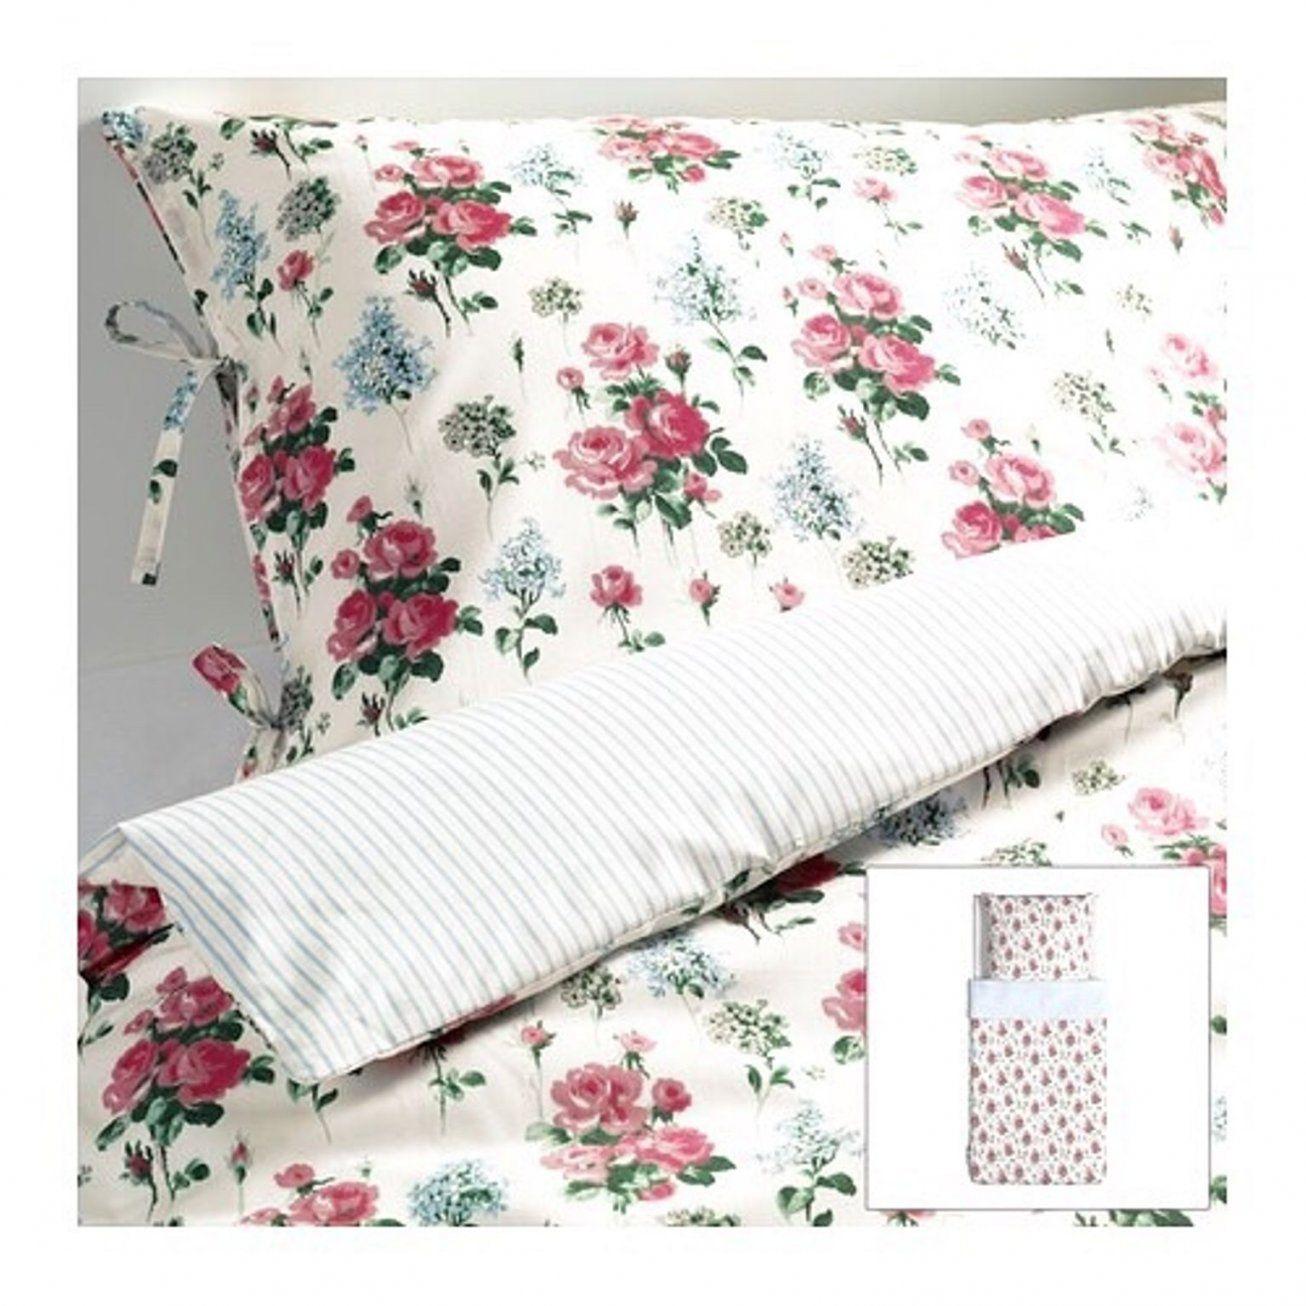 Ikea Bettwasche Blumen  Ihausdesign von Ikea Blümchen Bettwäsche Bild